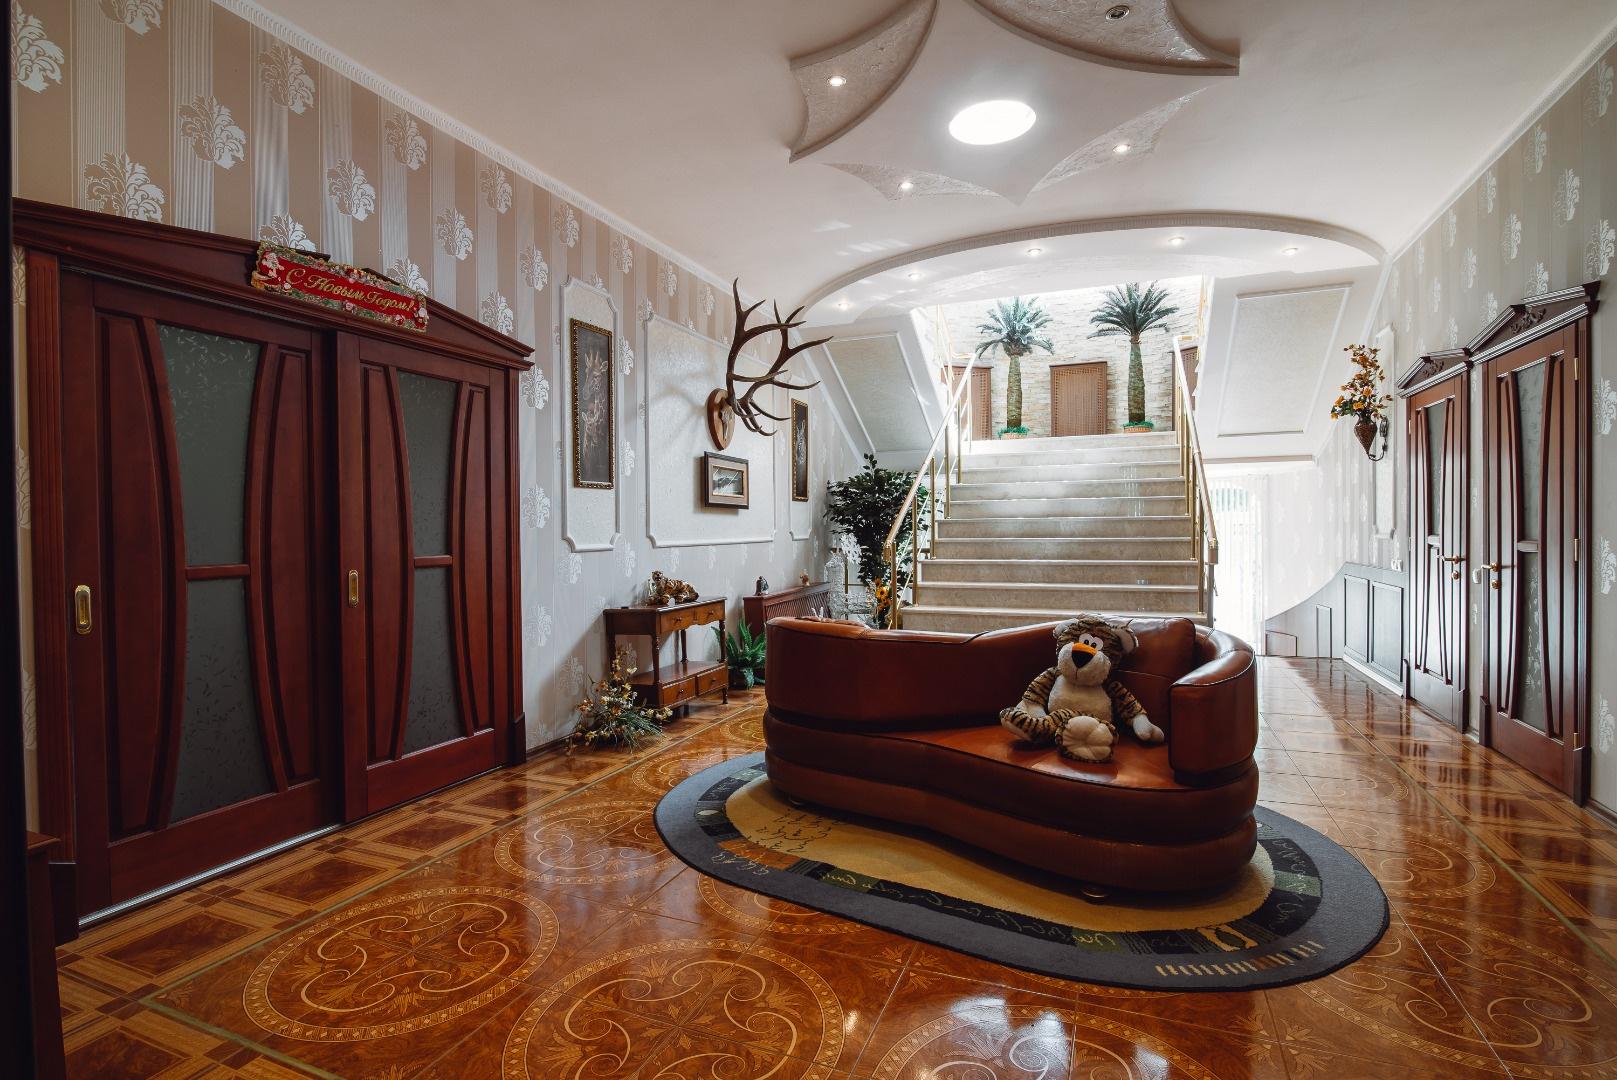 Продается Дом на ул. Аркадиевский Пер. — 1 500 000 у.е. (фото №8)